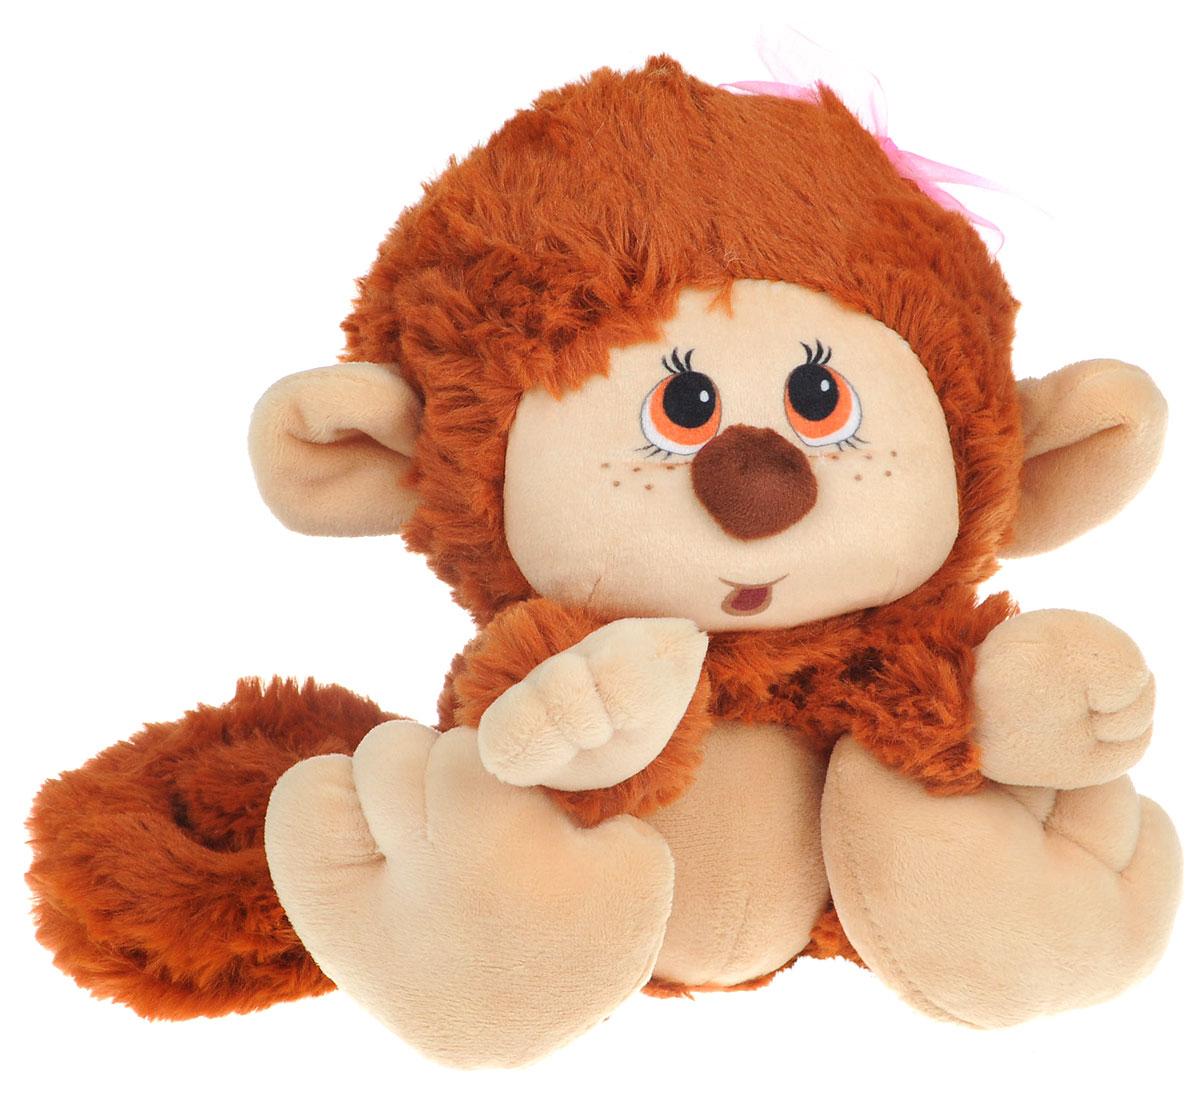 СмолТойс Мягкая игрушка Обезьянка 20 см1862/КЧ/20Мягкая игрушка СмолТойс Обезьянка - символ 2016 года, станет отличным подарком и принесет новогоднее настроение в ваш дом. Изготовлено изделие из высококачественных нетоксичных материалов, абсолютно безопасных для ребенка. Милая обезьянка, выполненная в коричневом цвете с розовым бантиком на голове, не оставит вас равнодушным. Великолепное качество исполнения делает эту игрушку чудесным подарком, как для ребенка, так и для взрослых. Уход за игрушкой: стирка при максимальной температуре 30°С, не гладить.